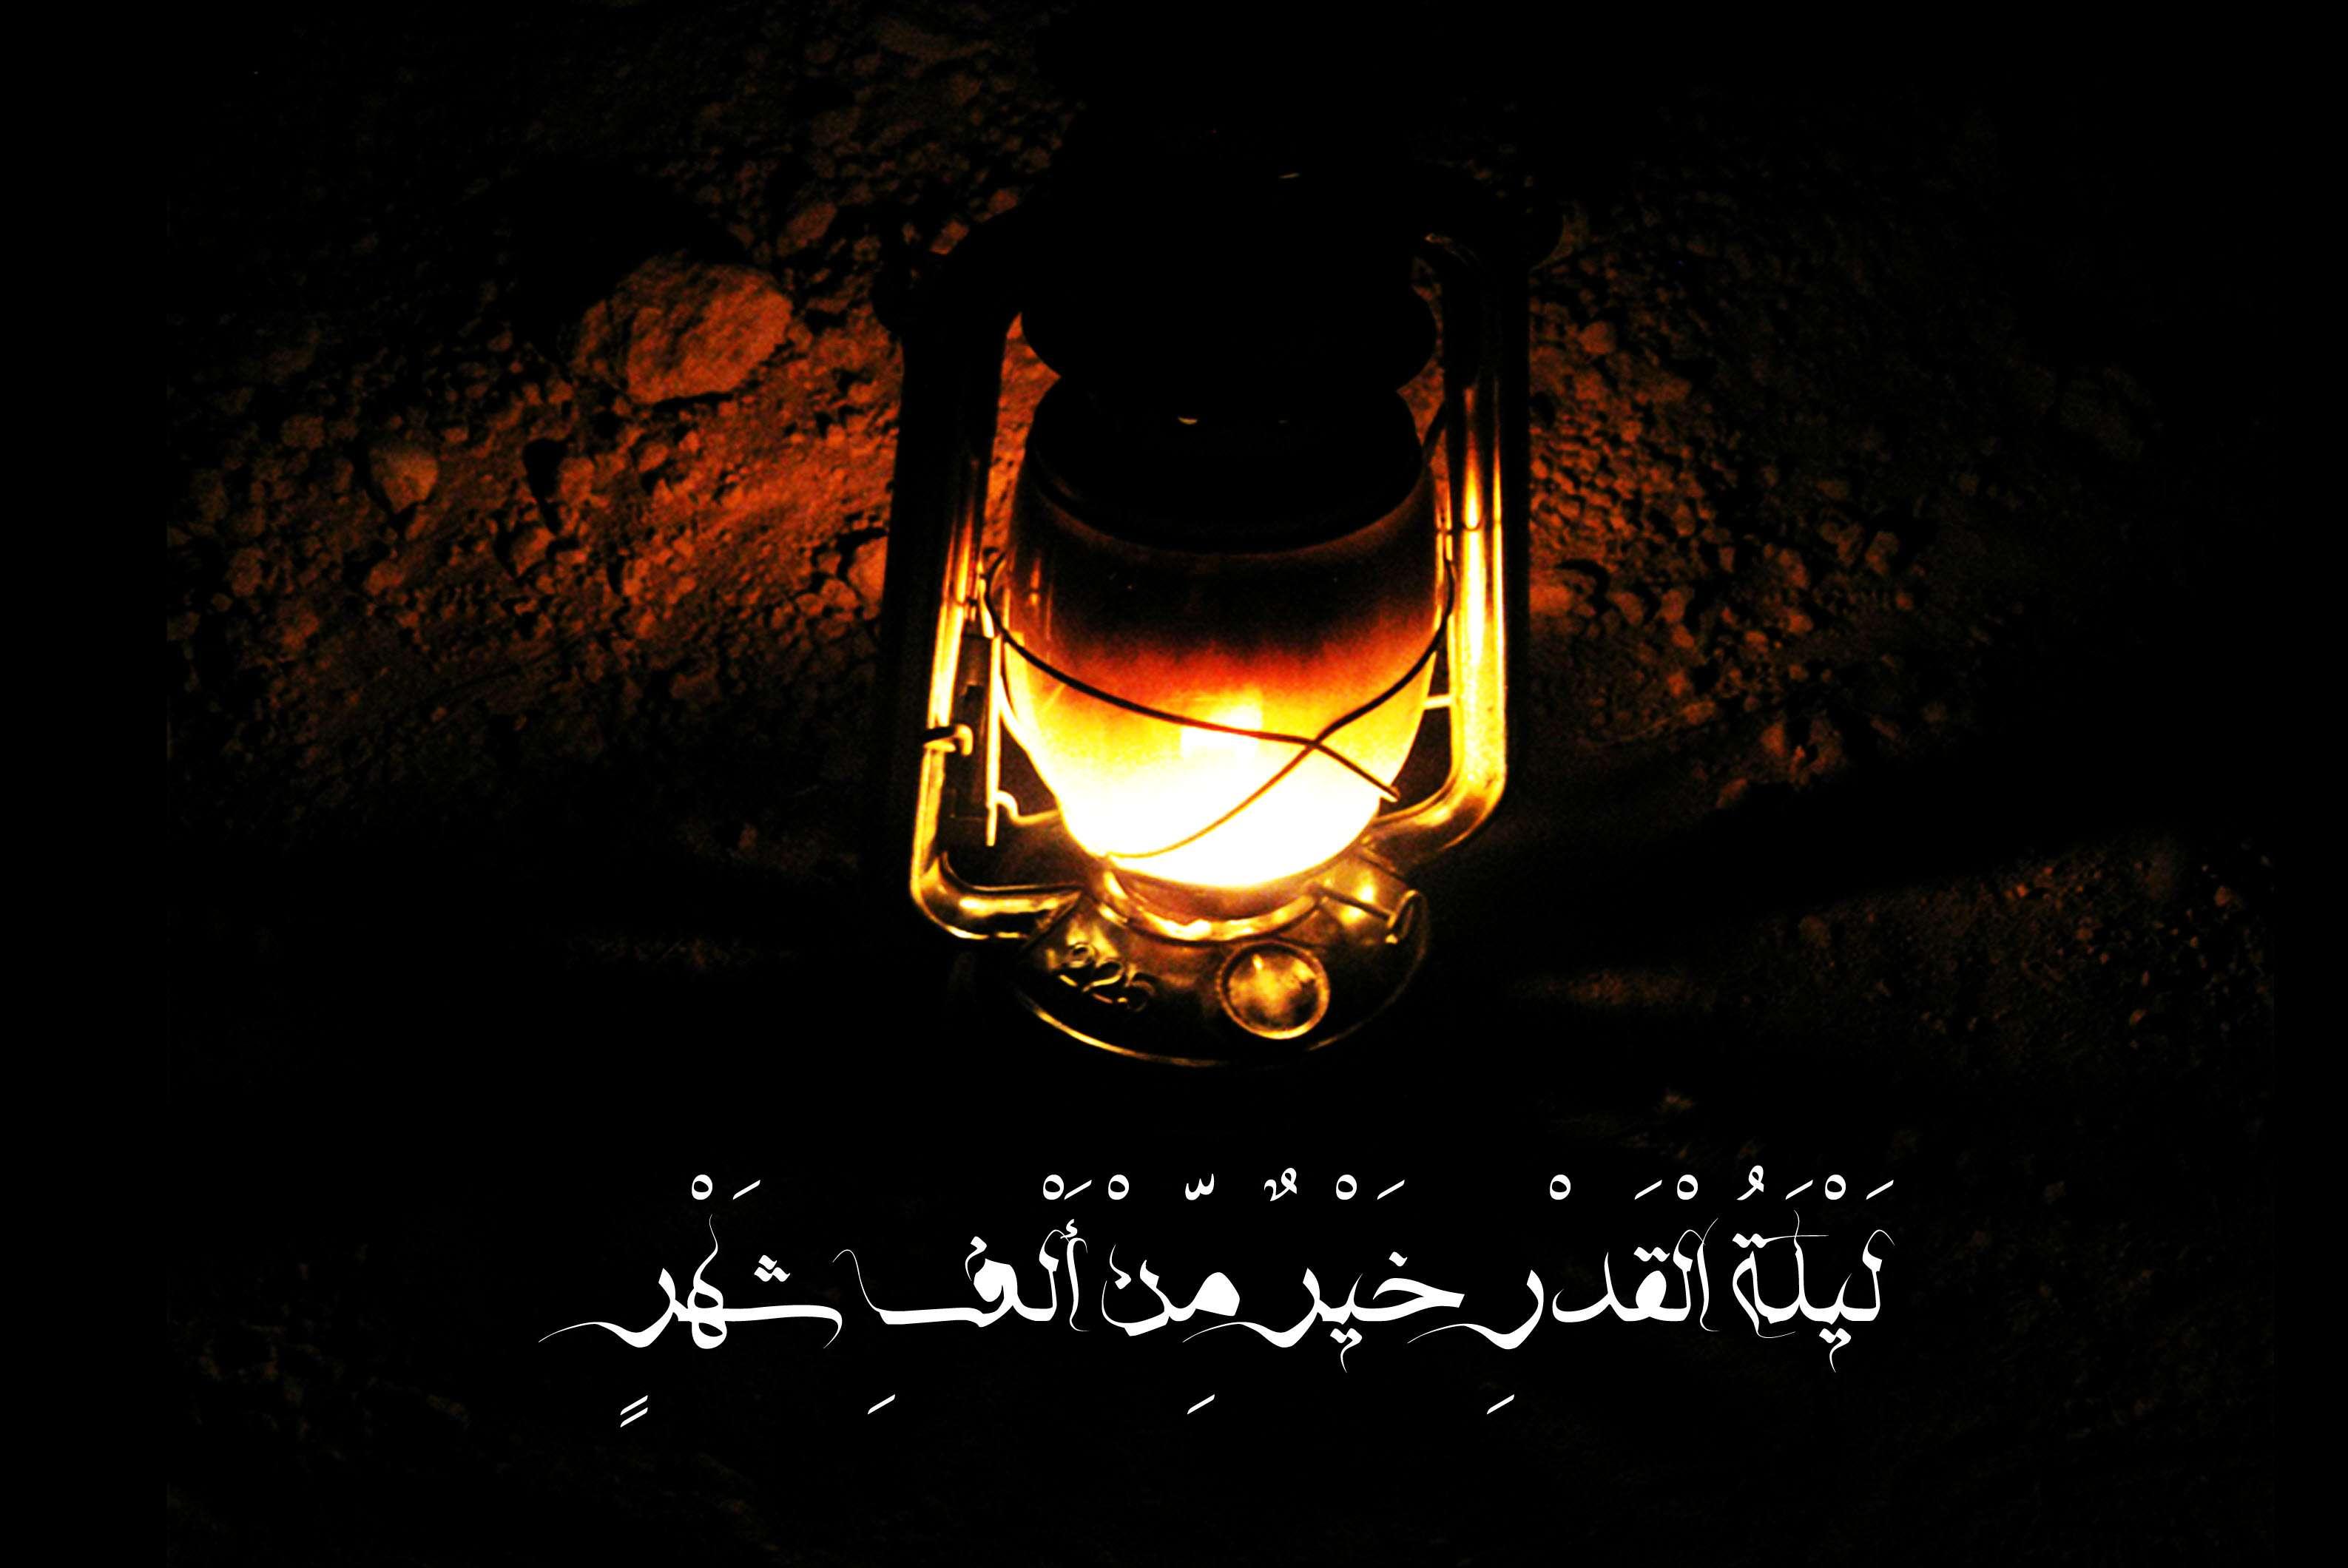 عکس سومین شب قدر